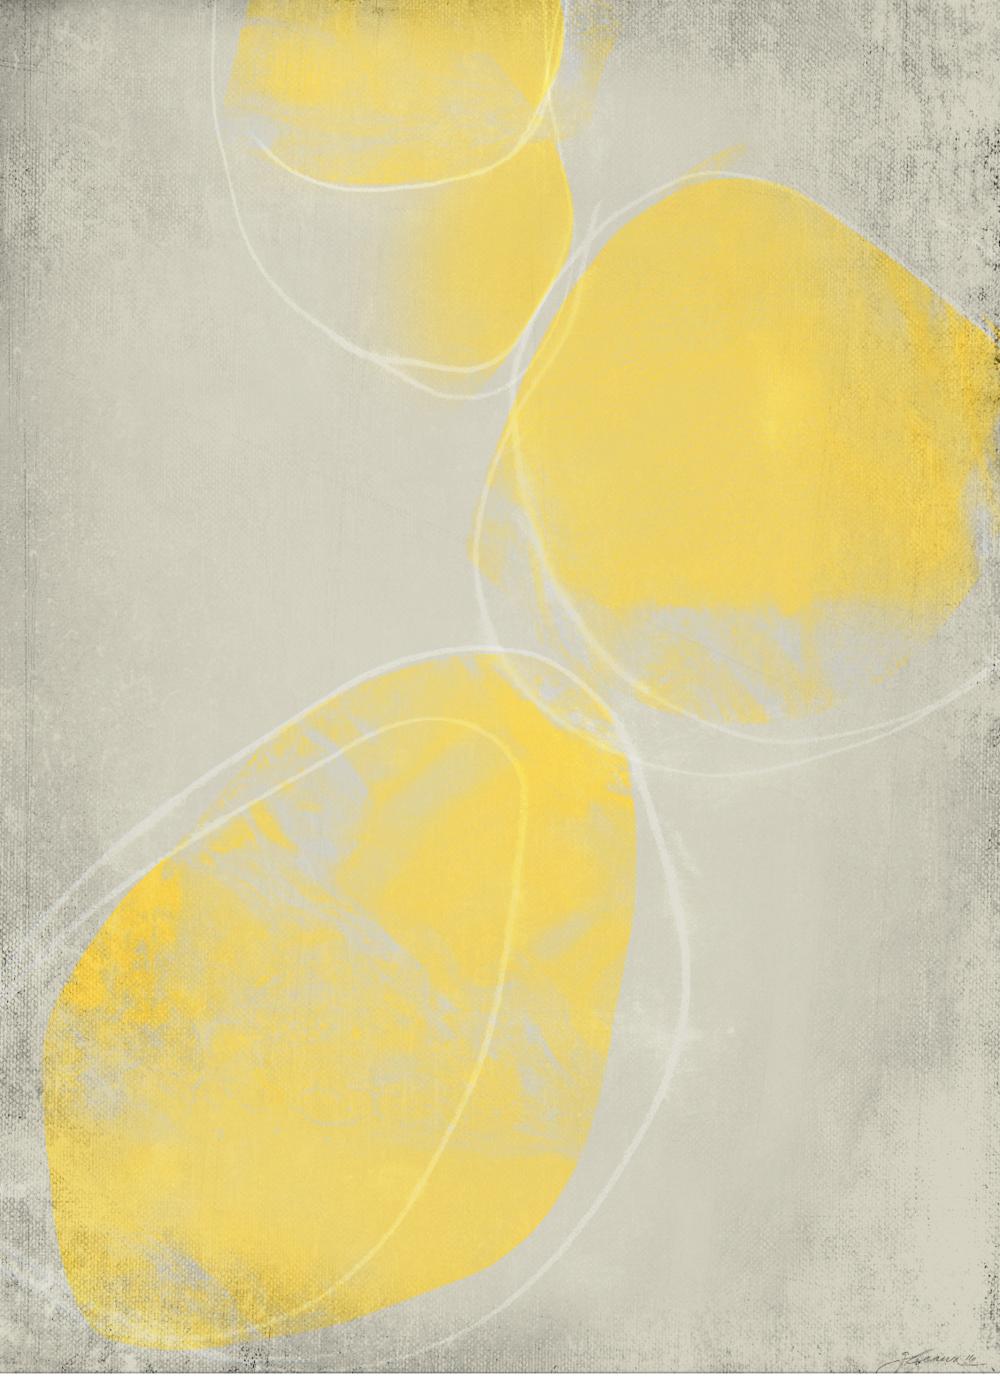 BIG YELLOW 02 : acrylic, aqua-pencil, chalk • • • SHOP ART • • •